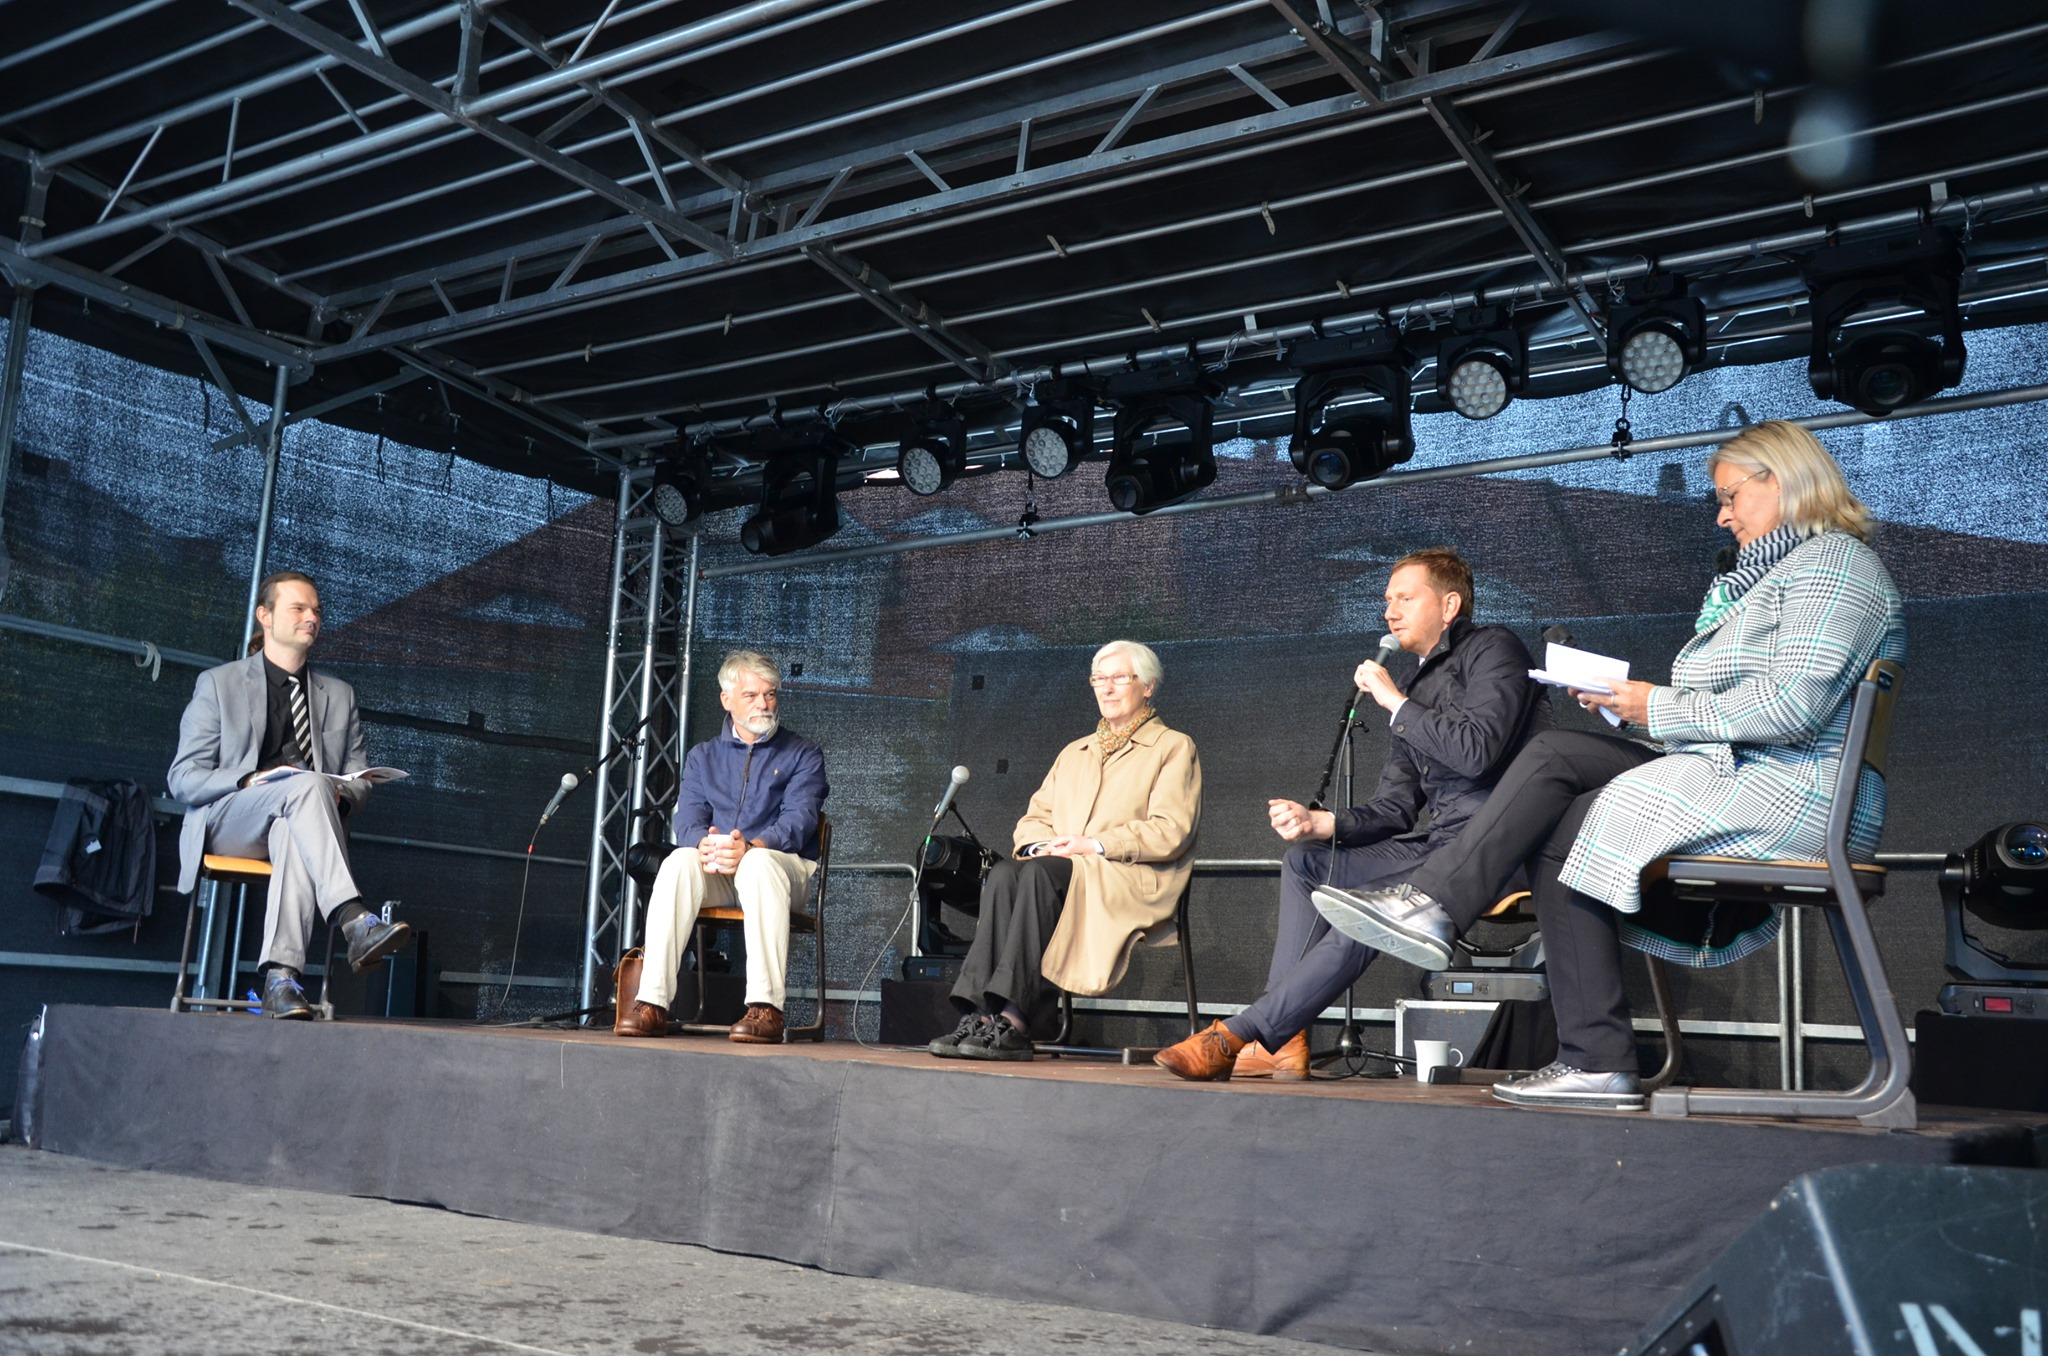 Bei der Podiumsdiskussion diskutierten Christian Kipper, Irmgard Schwaetzer und Michael Kretschmer (v.l.n.r.). Foto: Ostritzer Friedensfest